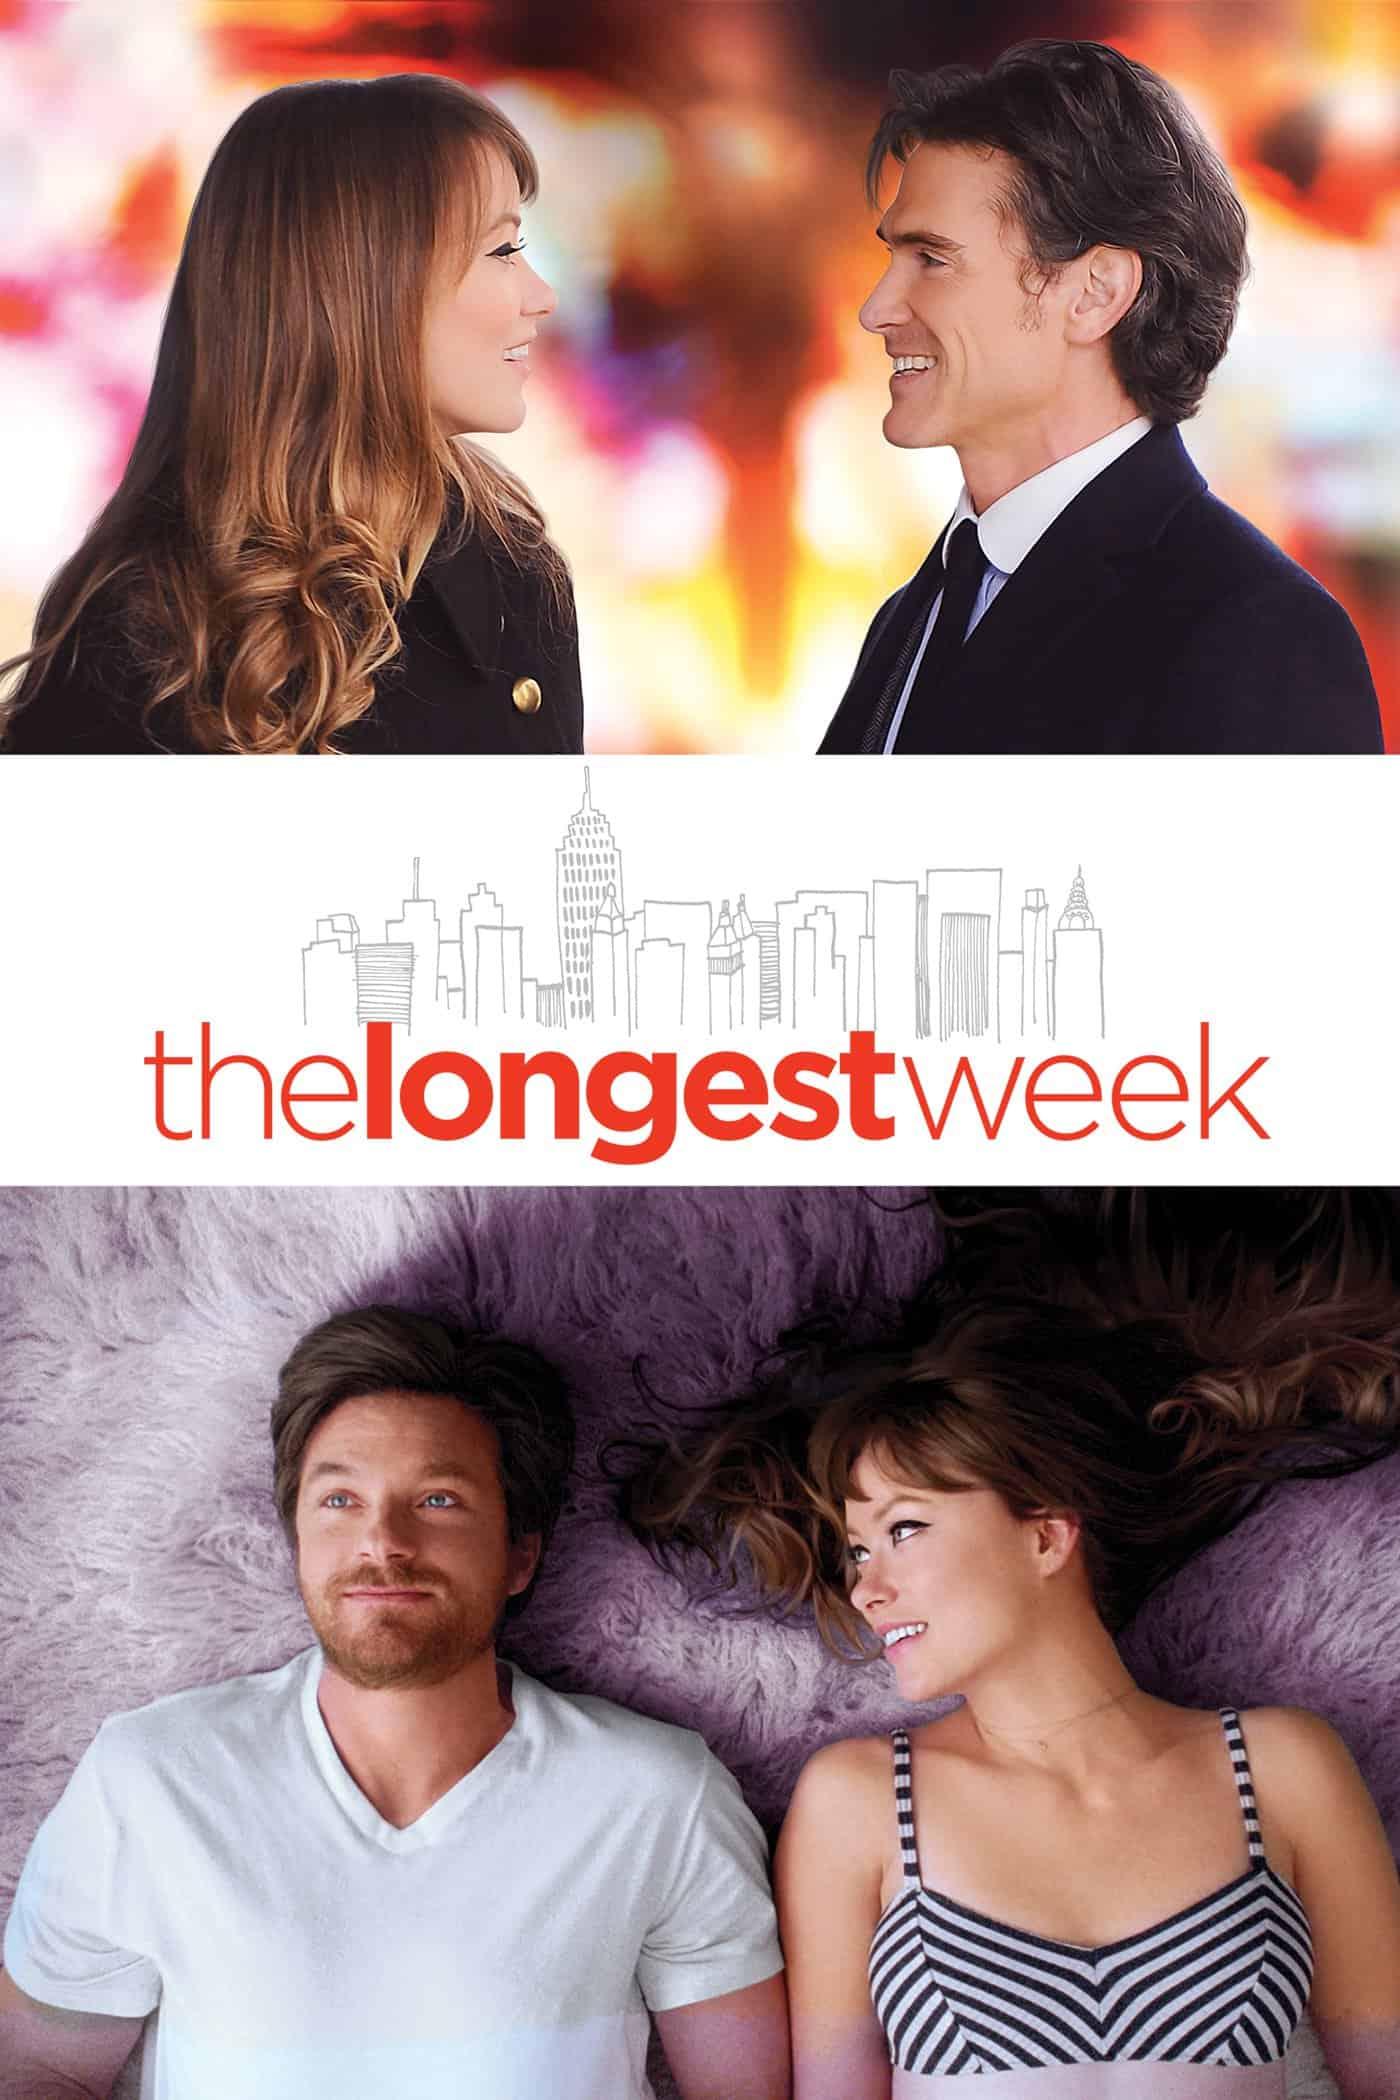 The Longest Week, 2014